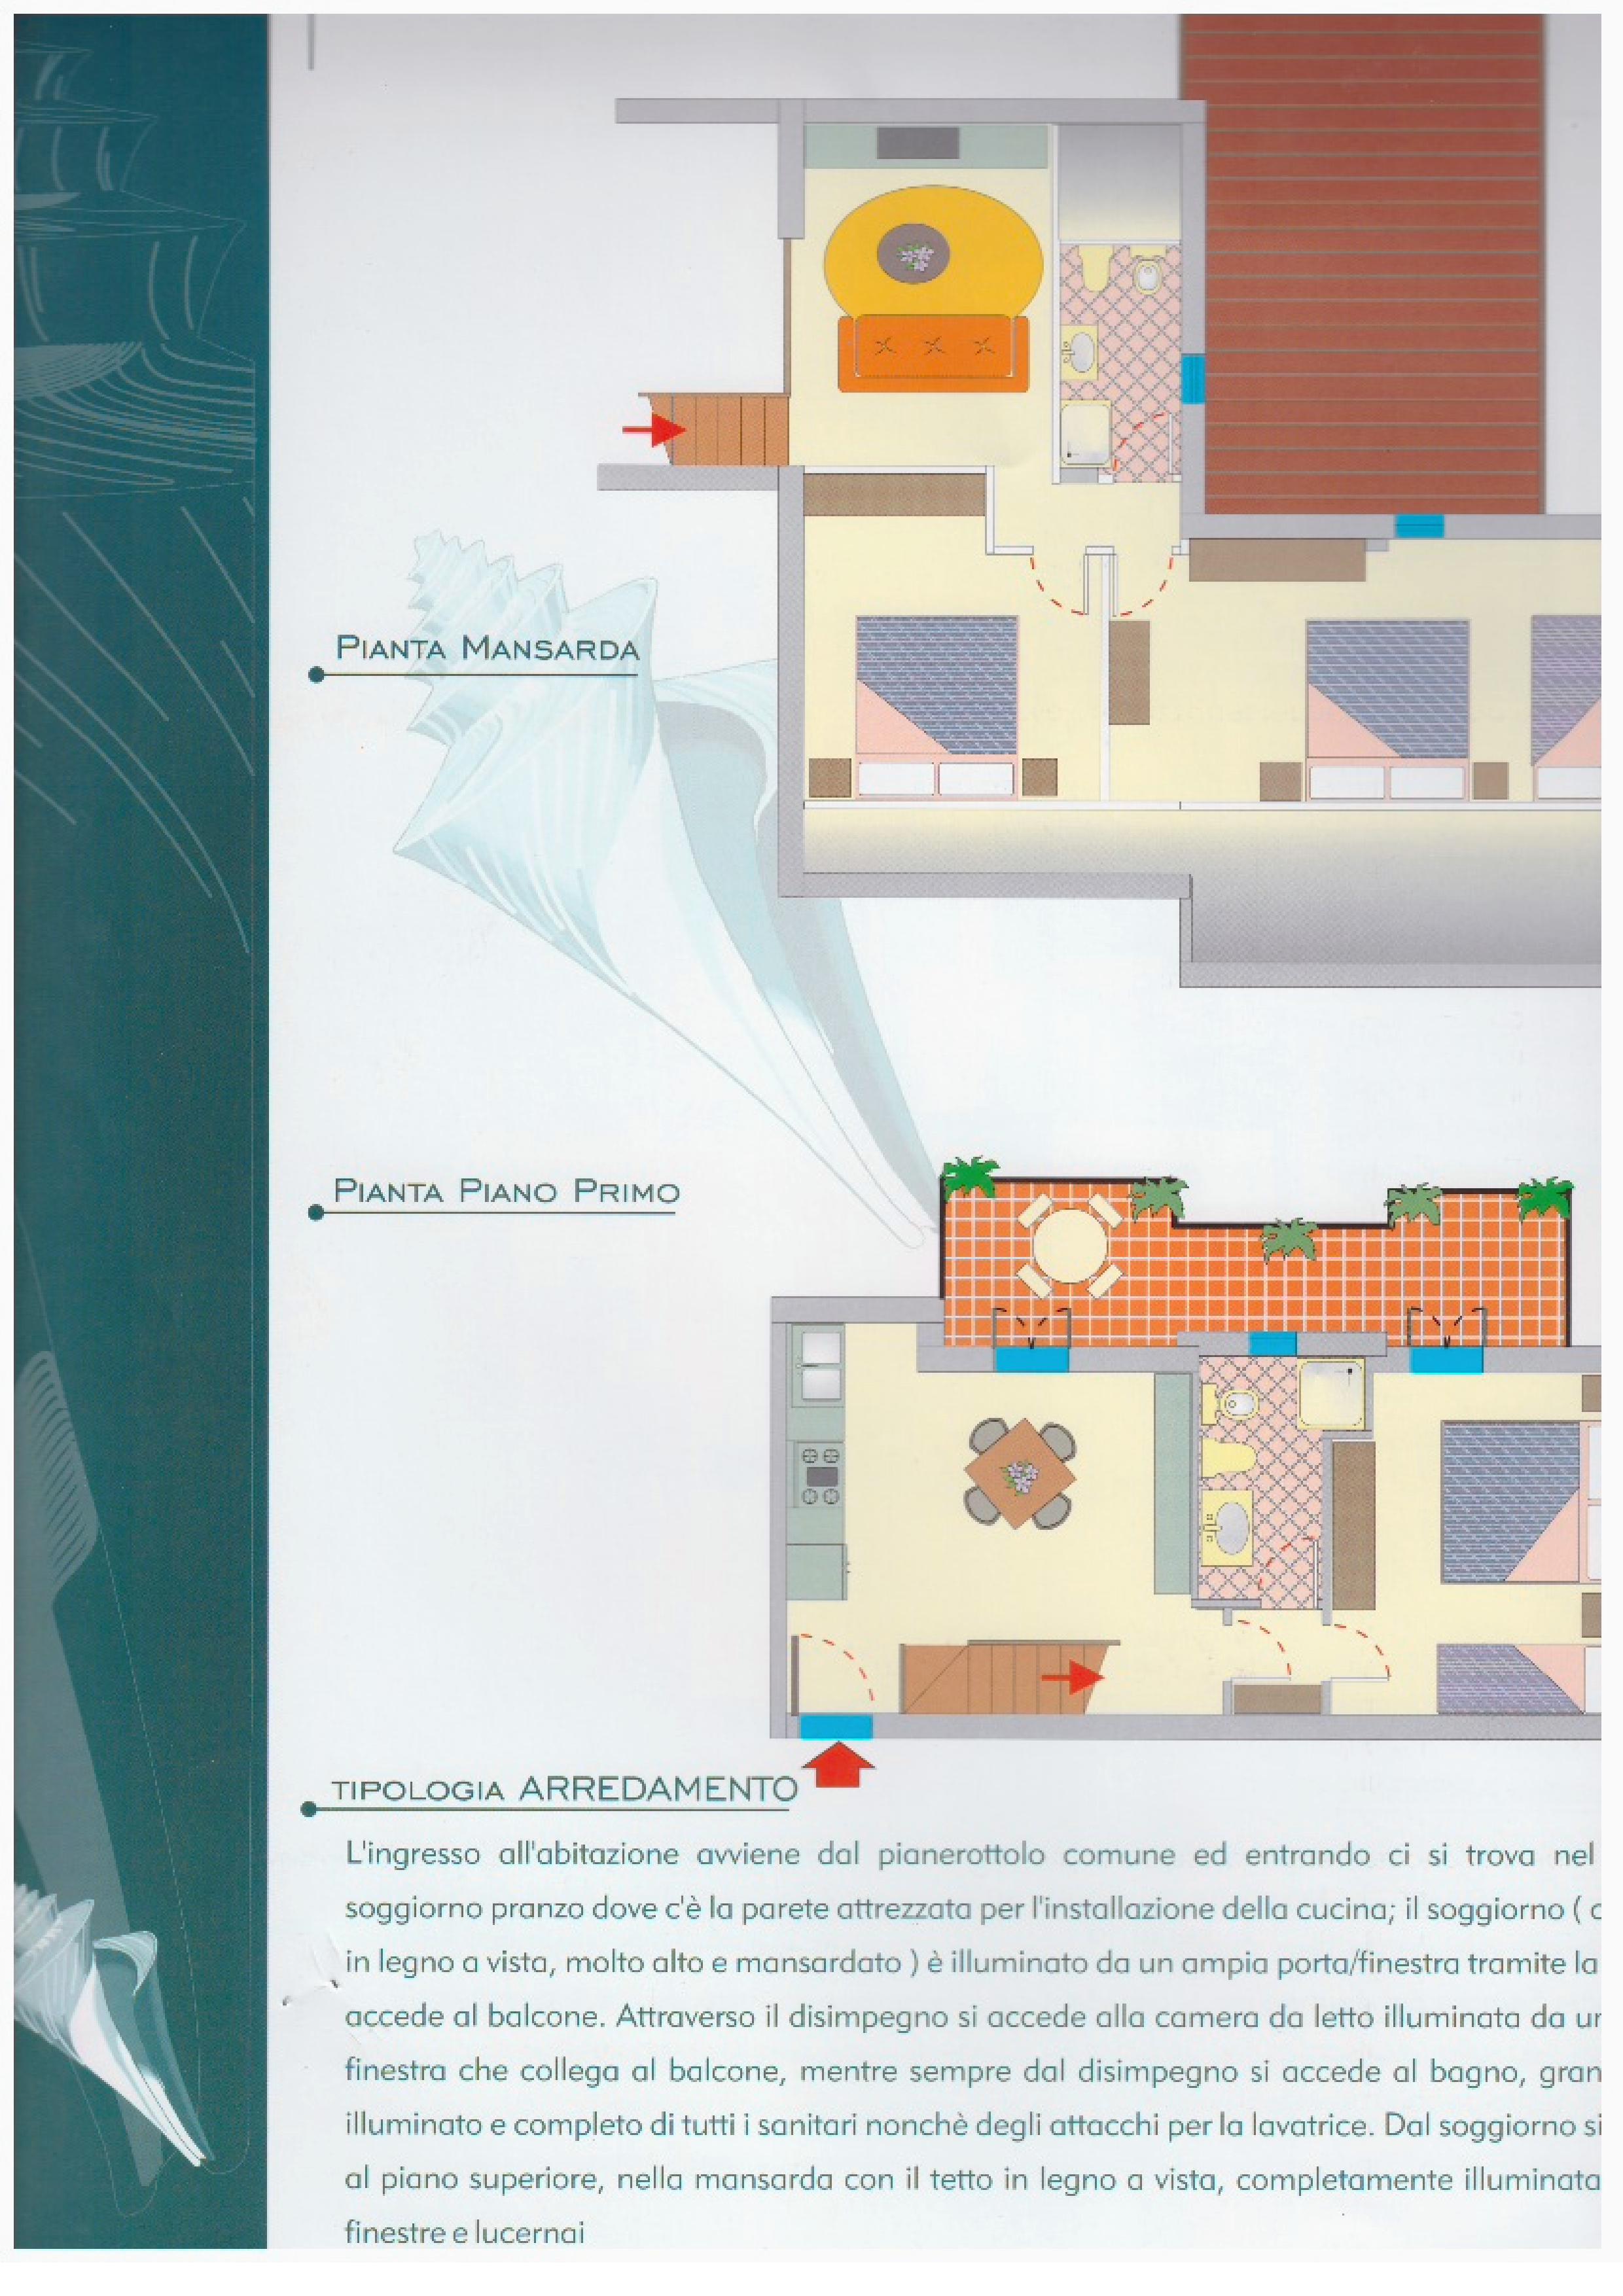 Bilocale con mansarda a pinarella di cervia agenzia for Arredo bagno cervia